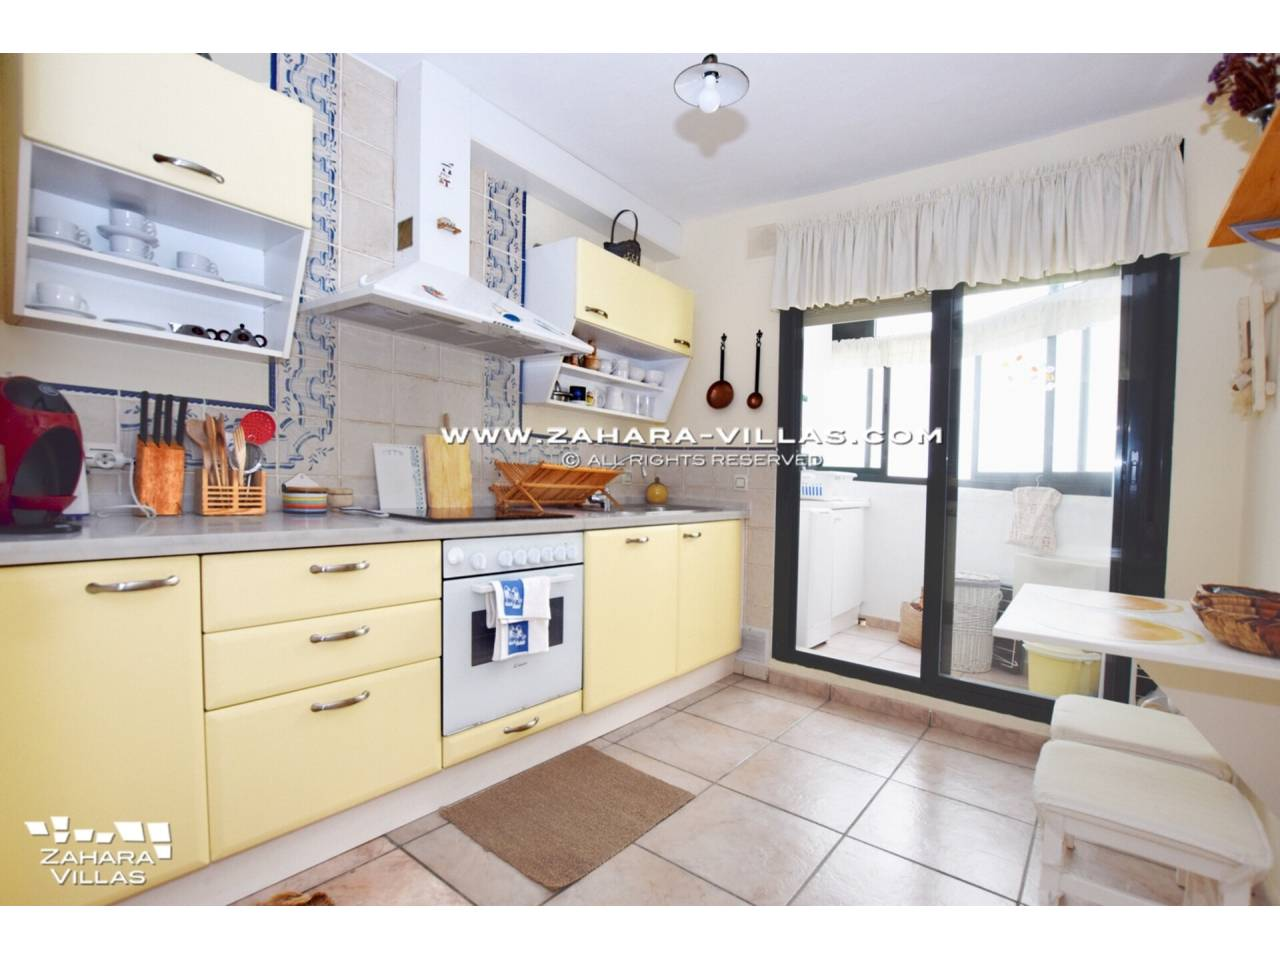 Imagen 19 de Coqueto apartamento en venta en urbanización Jardines de Zahara - Atlanterra